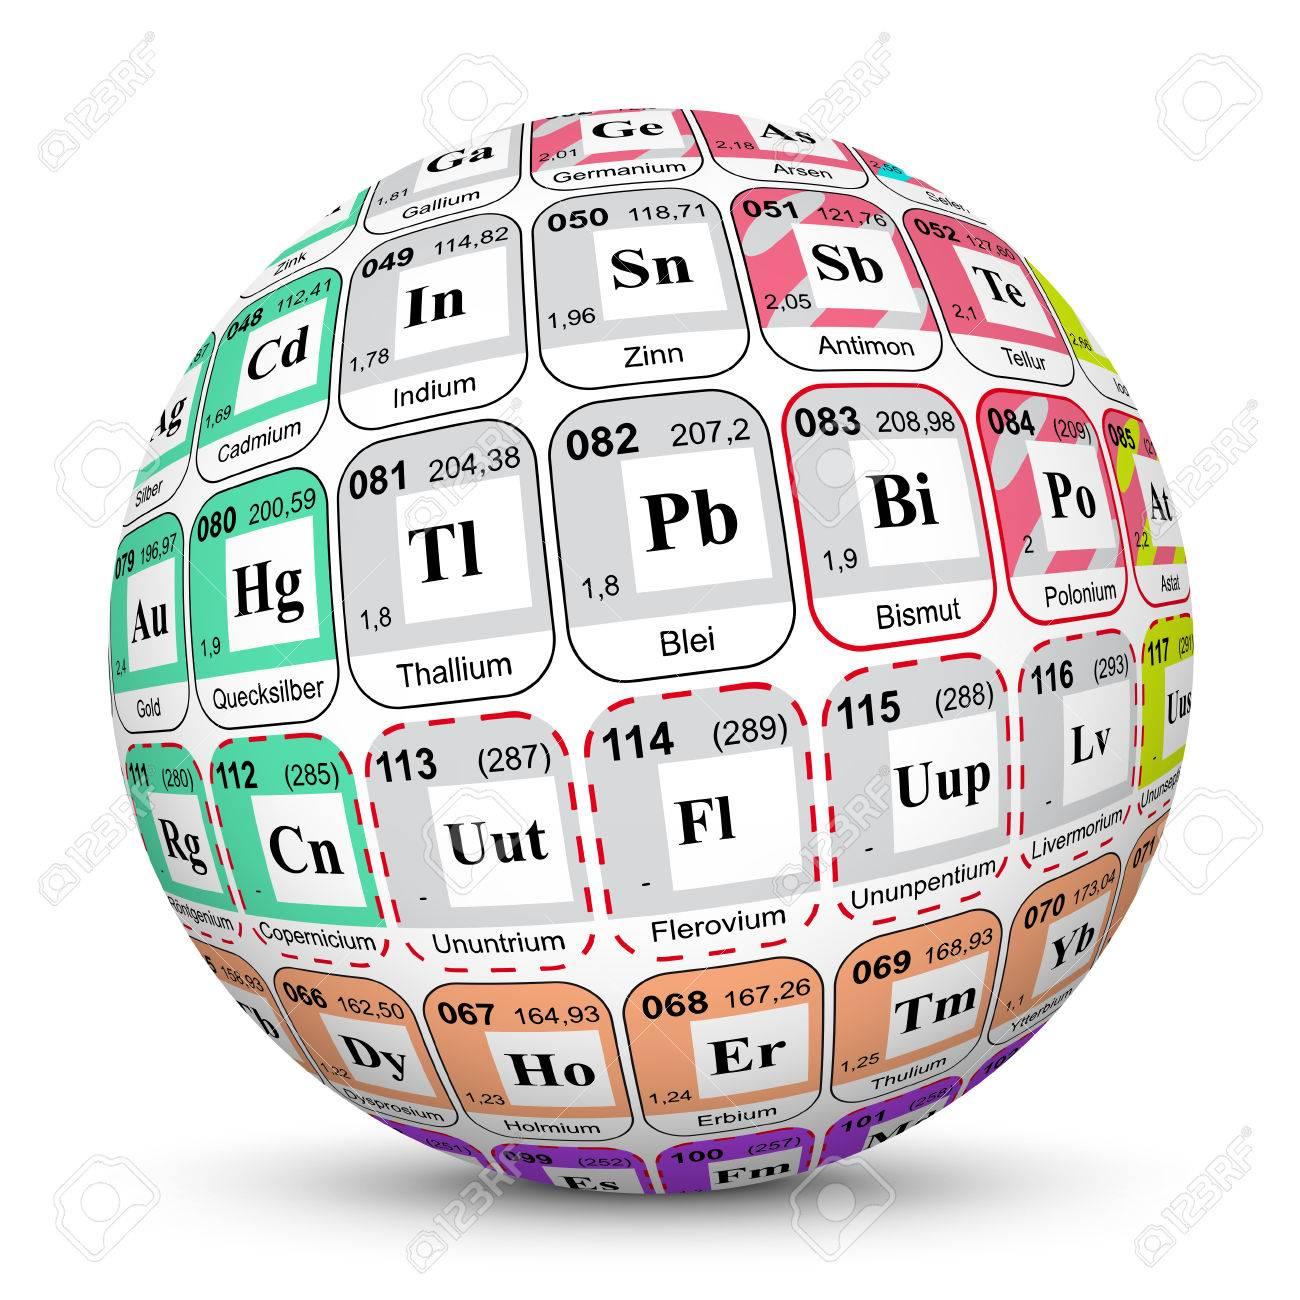 Tabla peridica de los elementos qumicos resumen ball tabla de foto de archivo tabla peridica de los elementos qumicos resumen ball tabla de mendeleiev aprendizaje y estudio en idioma alemn urtaz Images